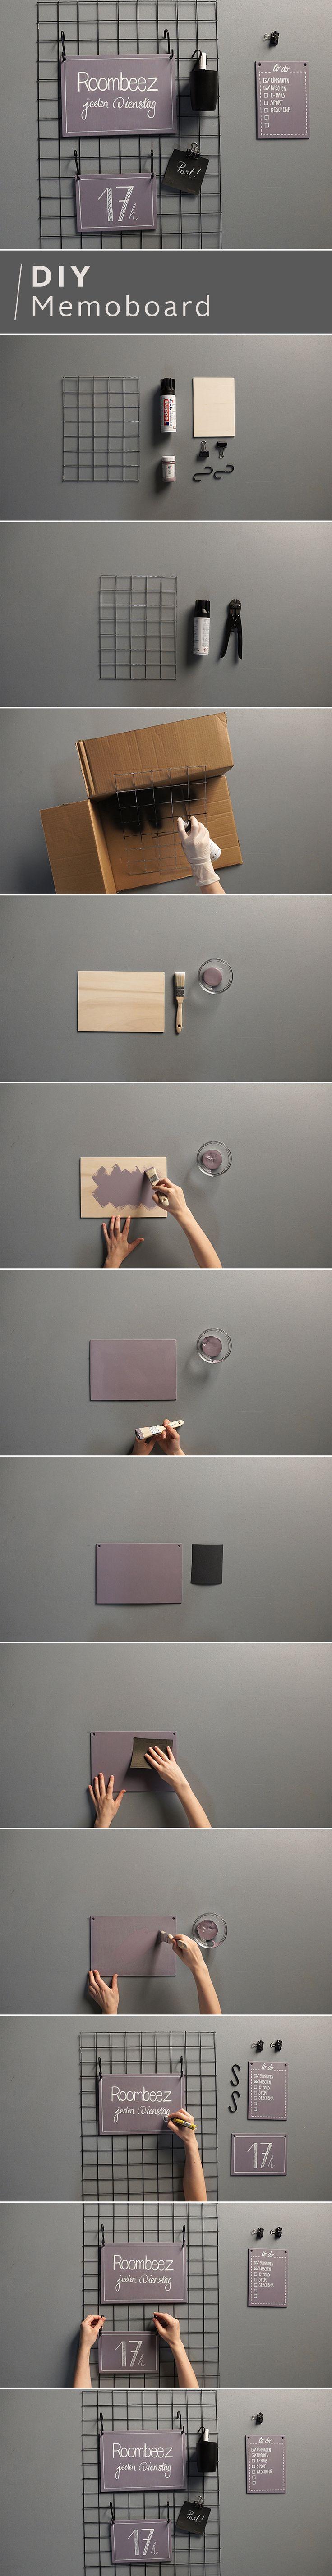 Notiz an dich ein cooles Memoboard basteln Elisa von OTTO Roombeez hilft dir dabei Alles was du brauchst ist ein Drahtgitter und schwarze Sprühfarbe